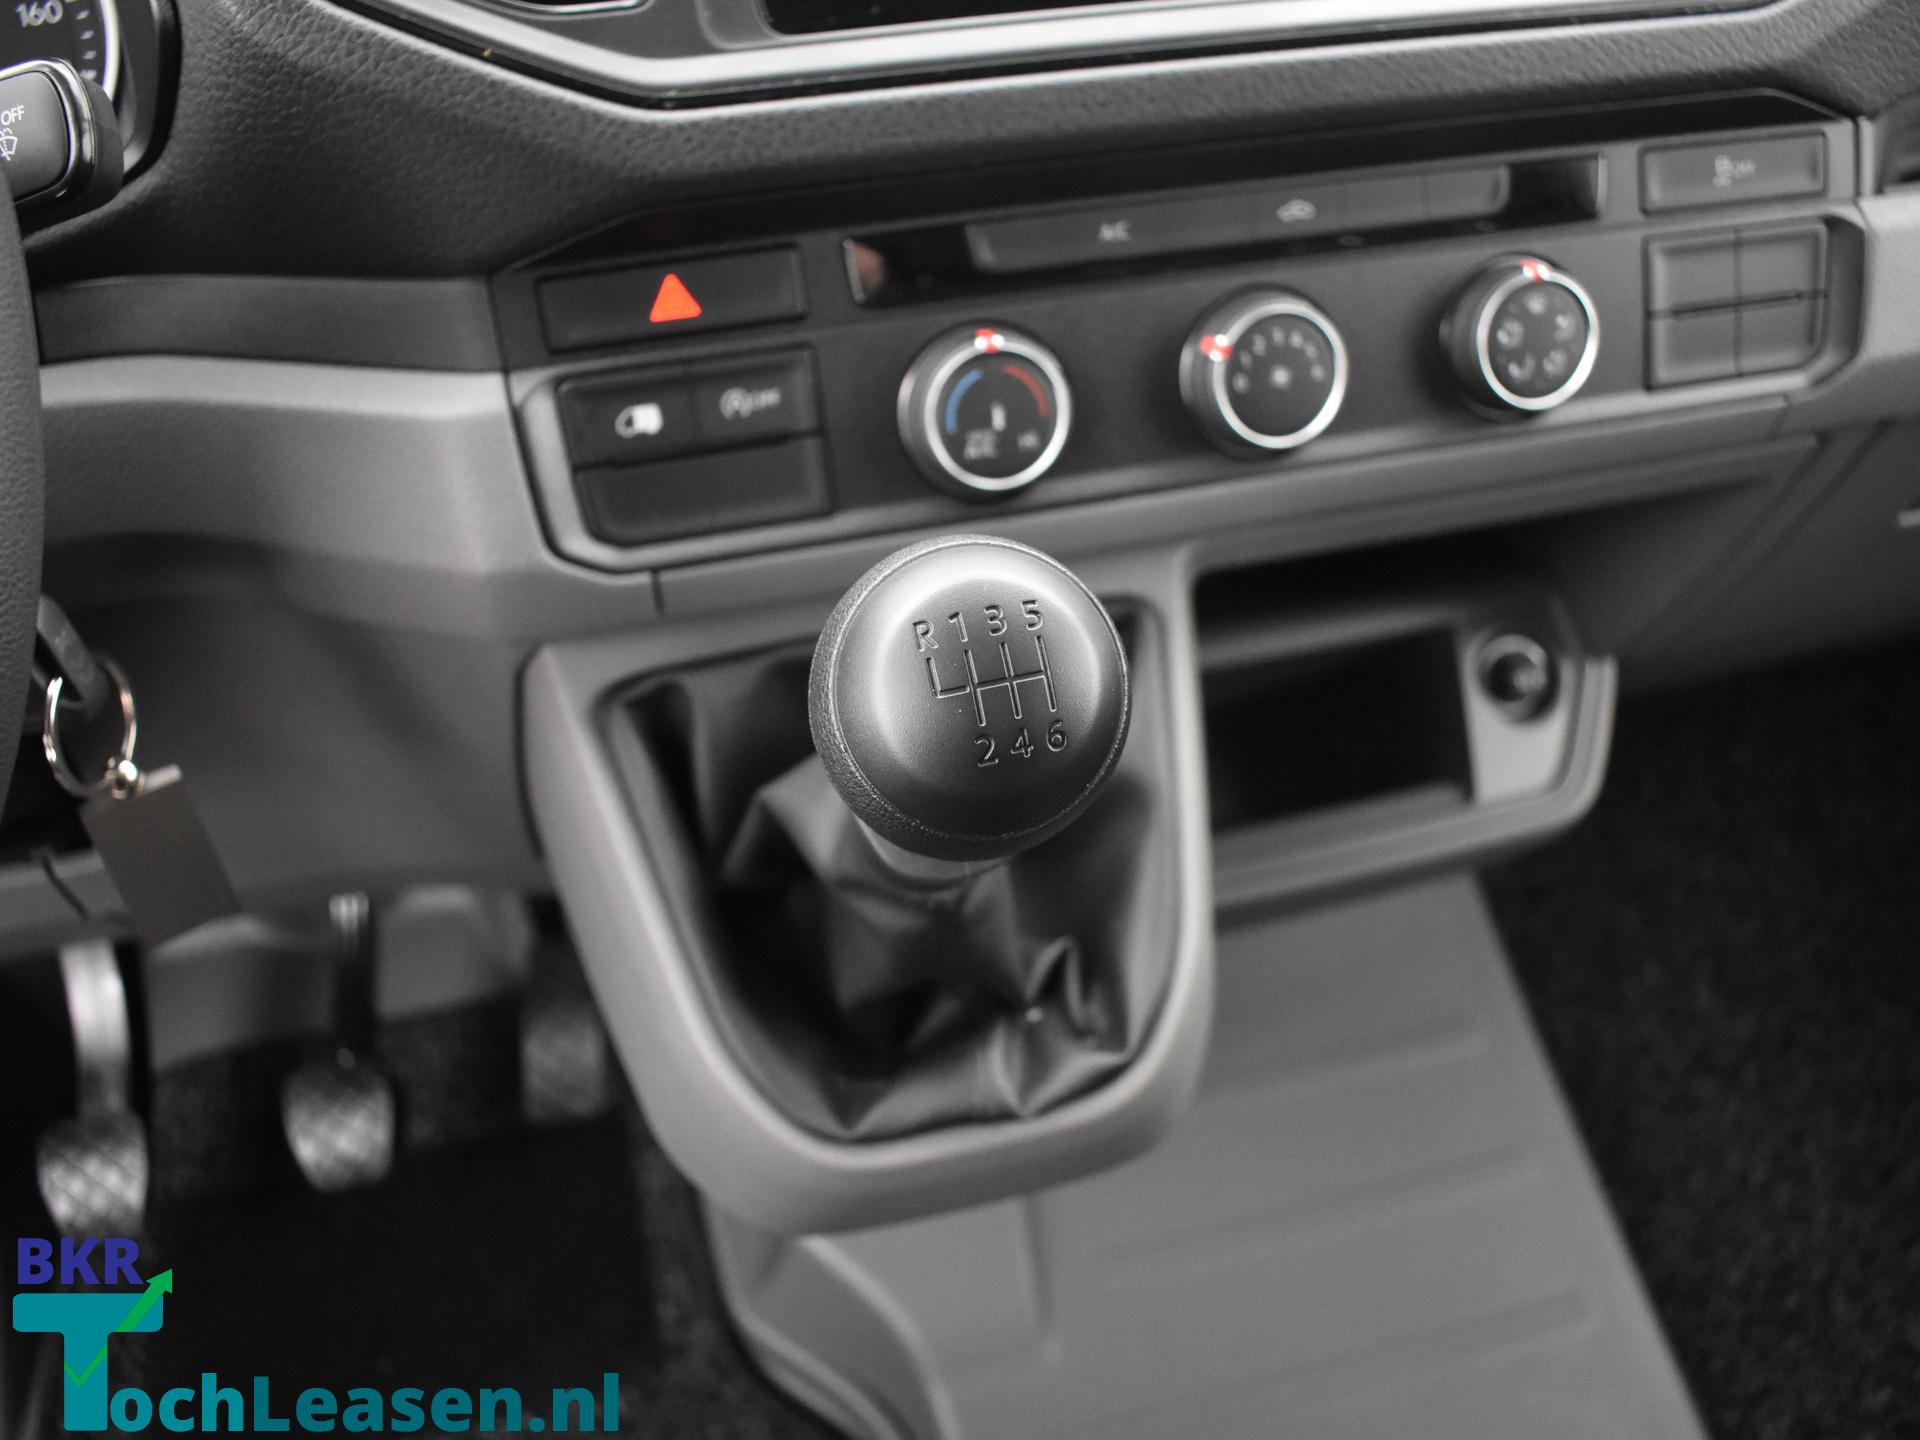 BkrTochLeasen.nl - Witte Volkswagen Crafter 16